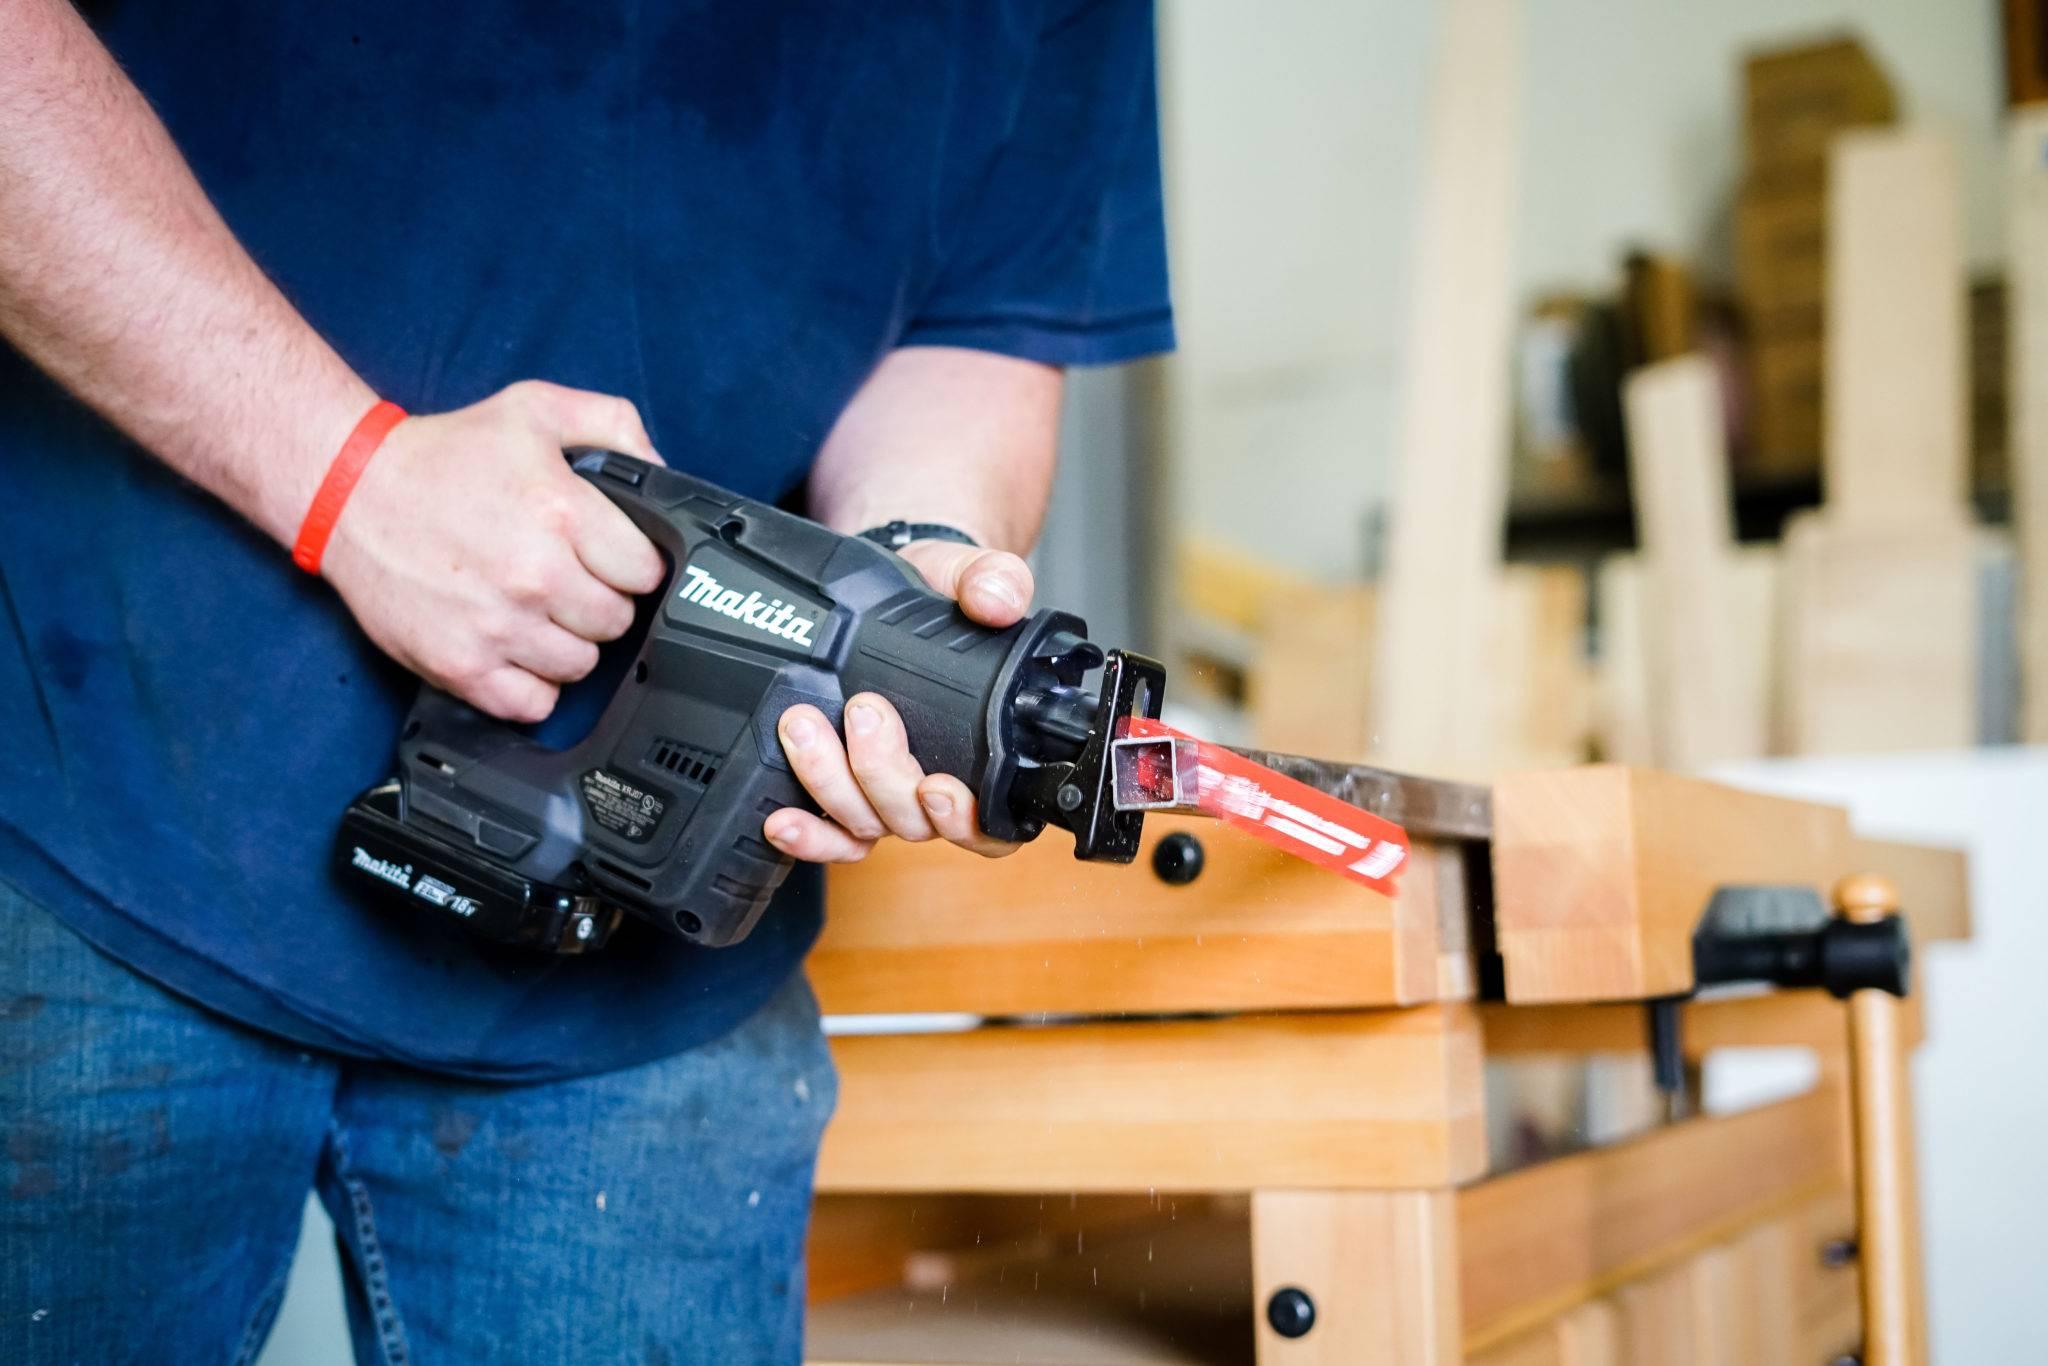 Makita Sub Compact Reciprocating saw